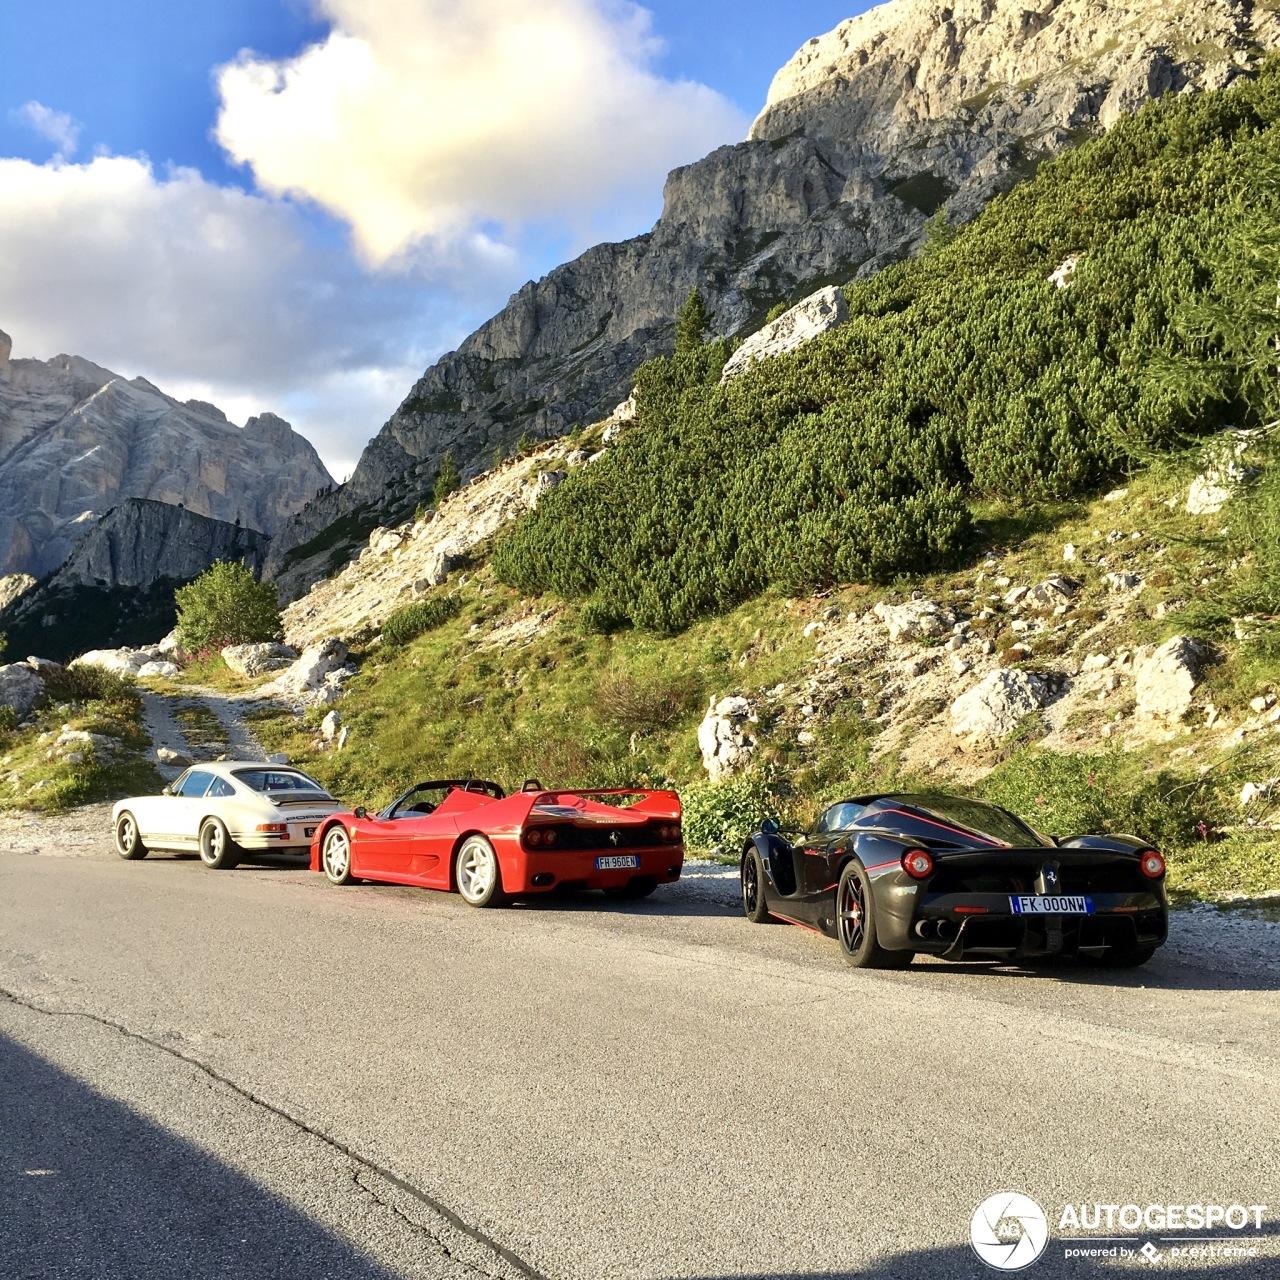 Heerlijk trio gespot in de Italiaanse bergen